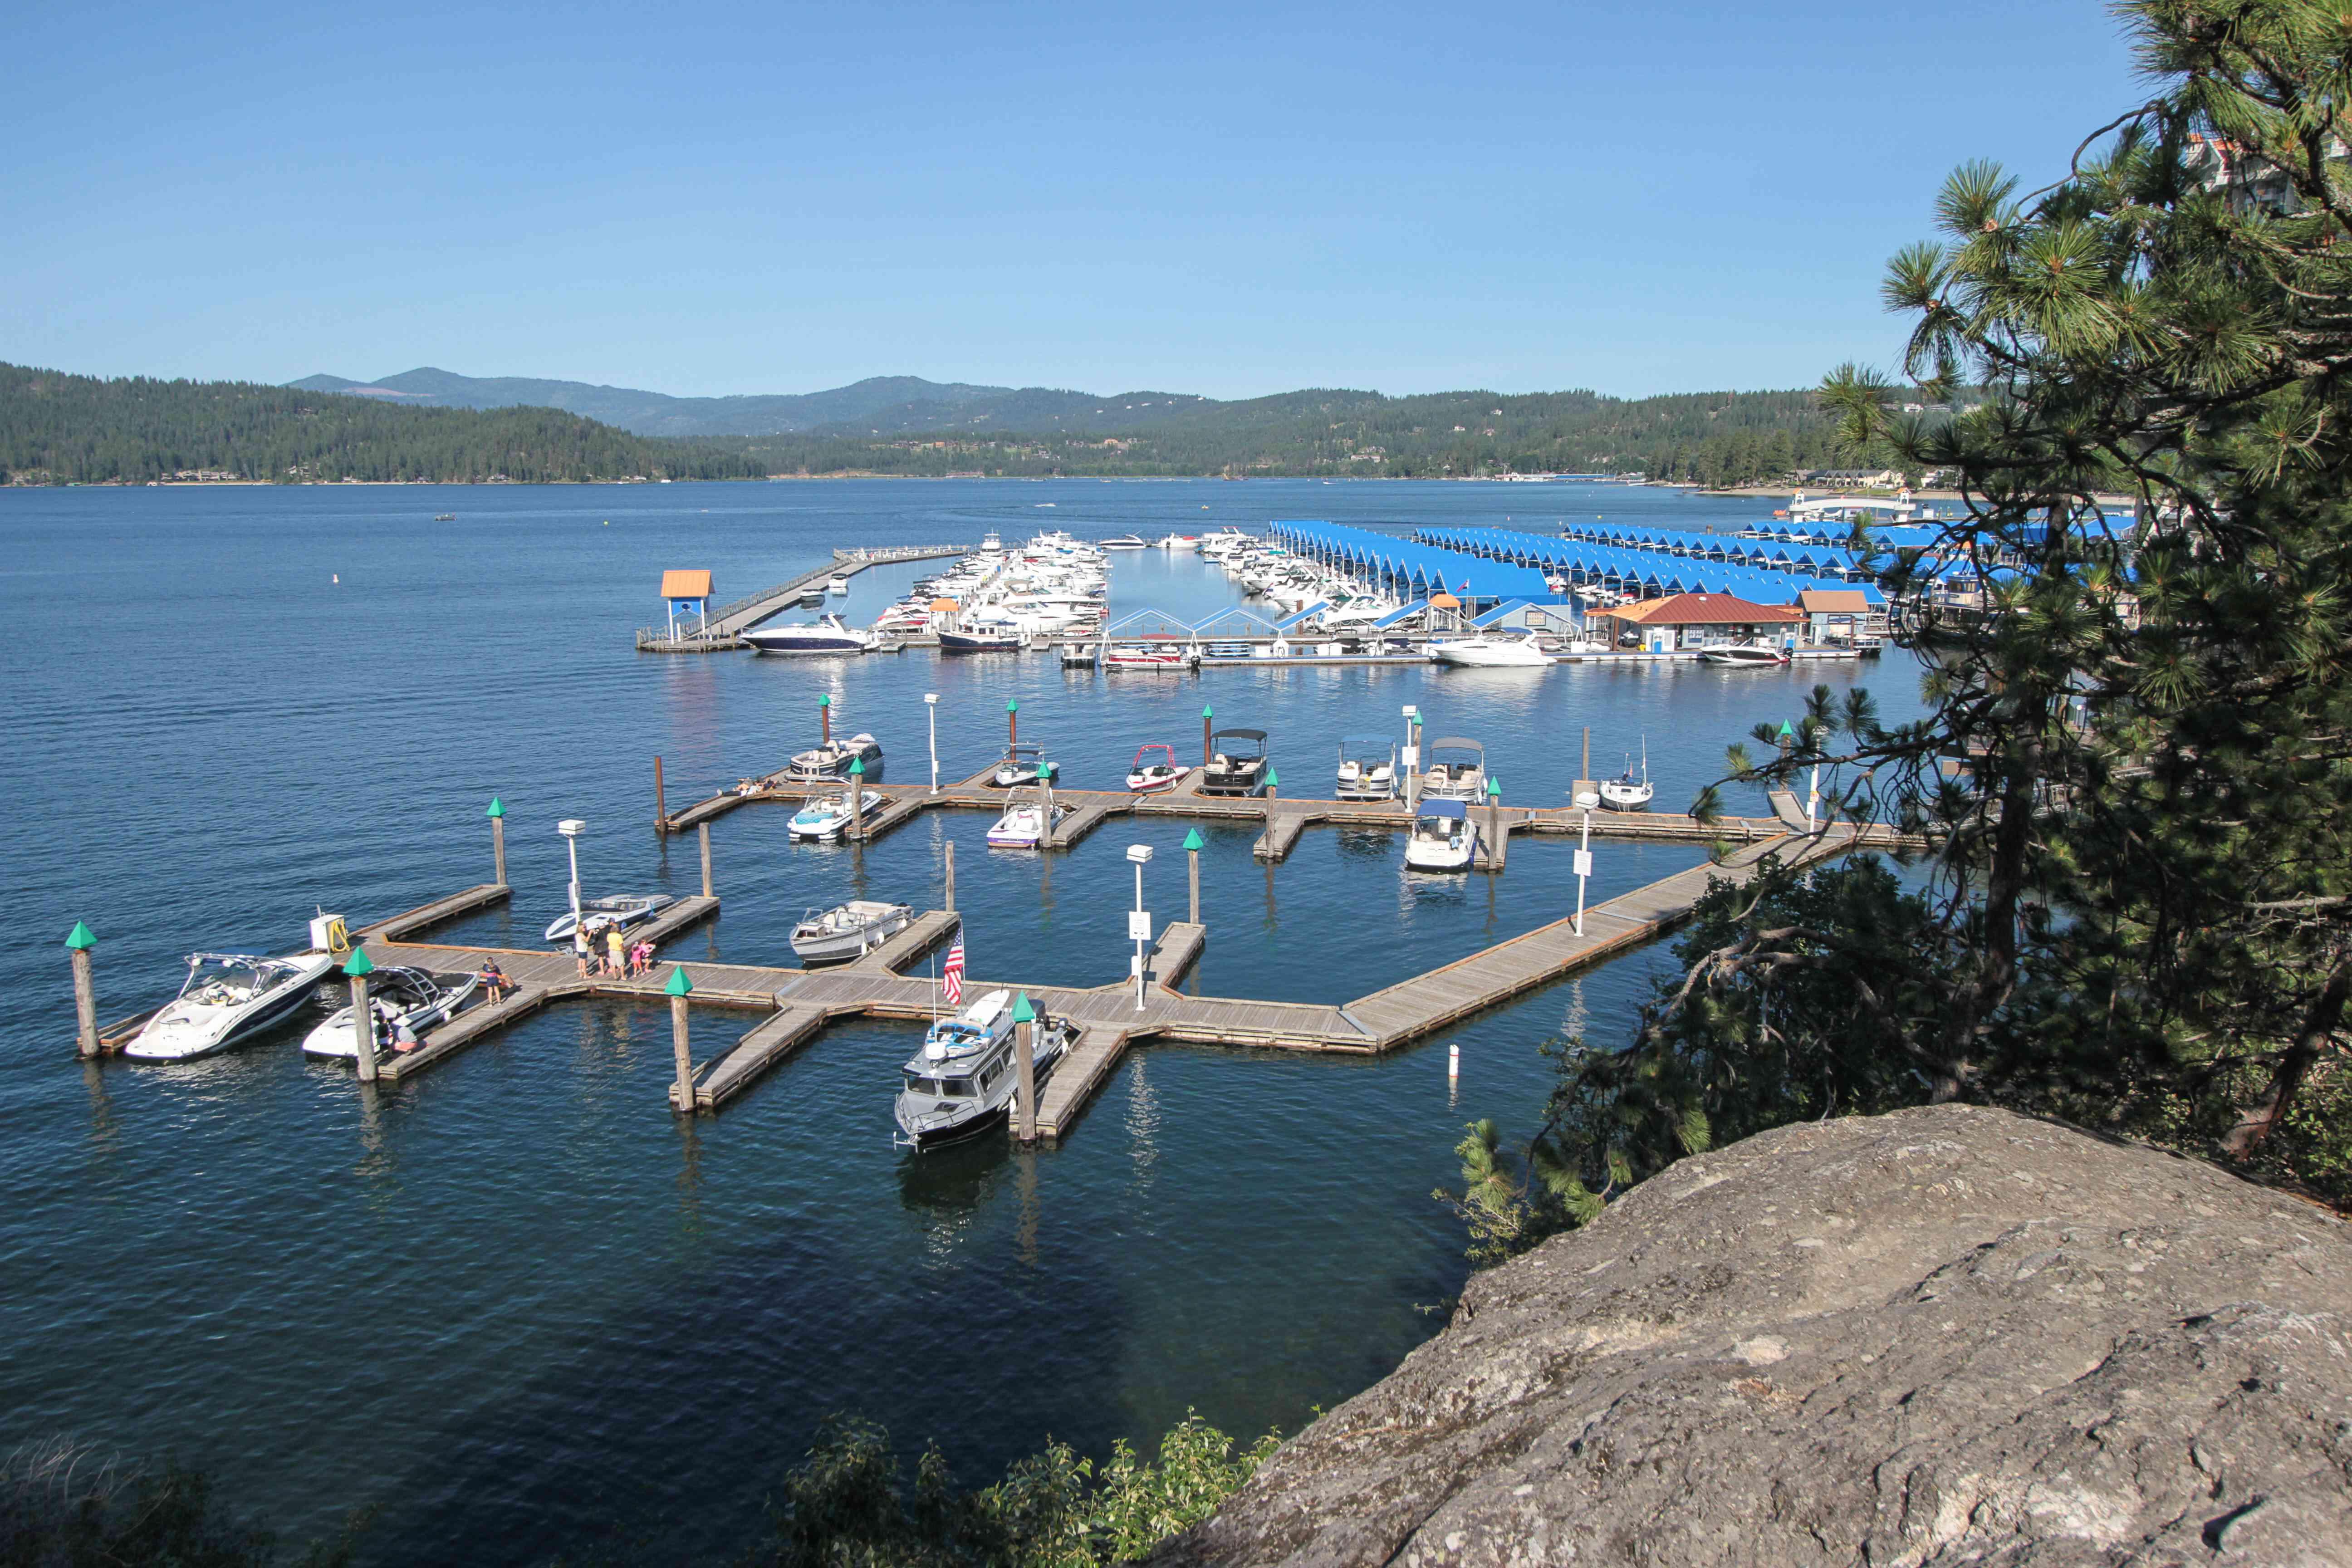 Barcos atracados en un lago